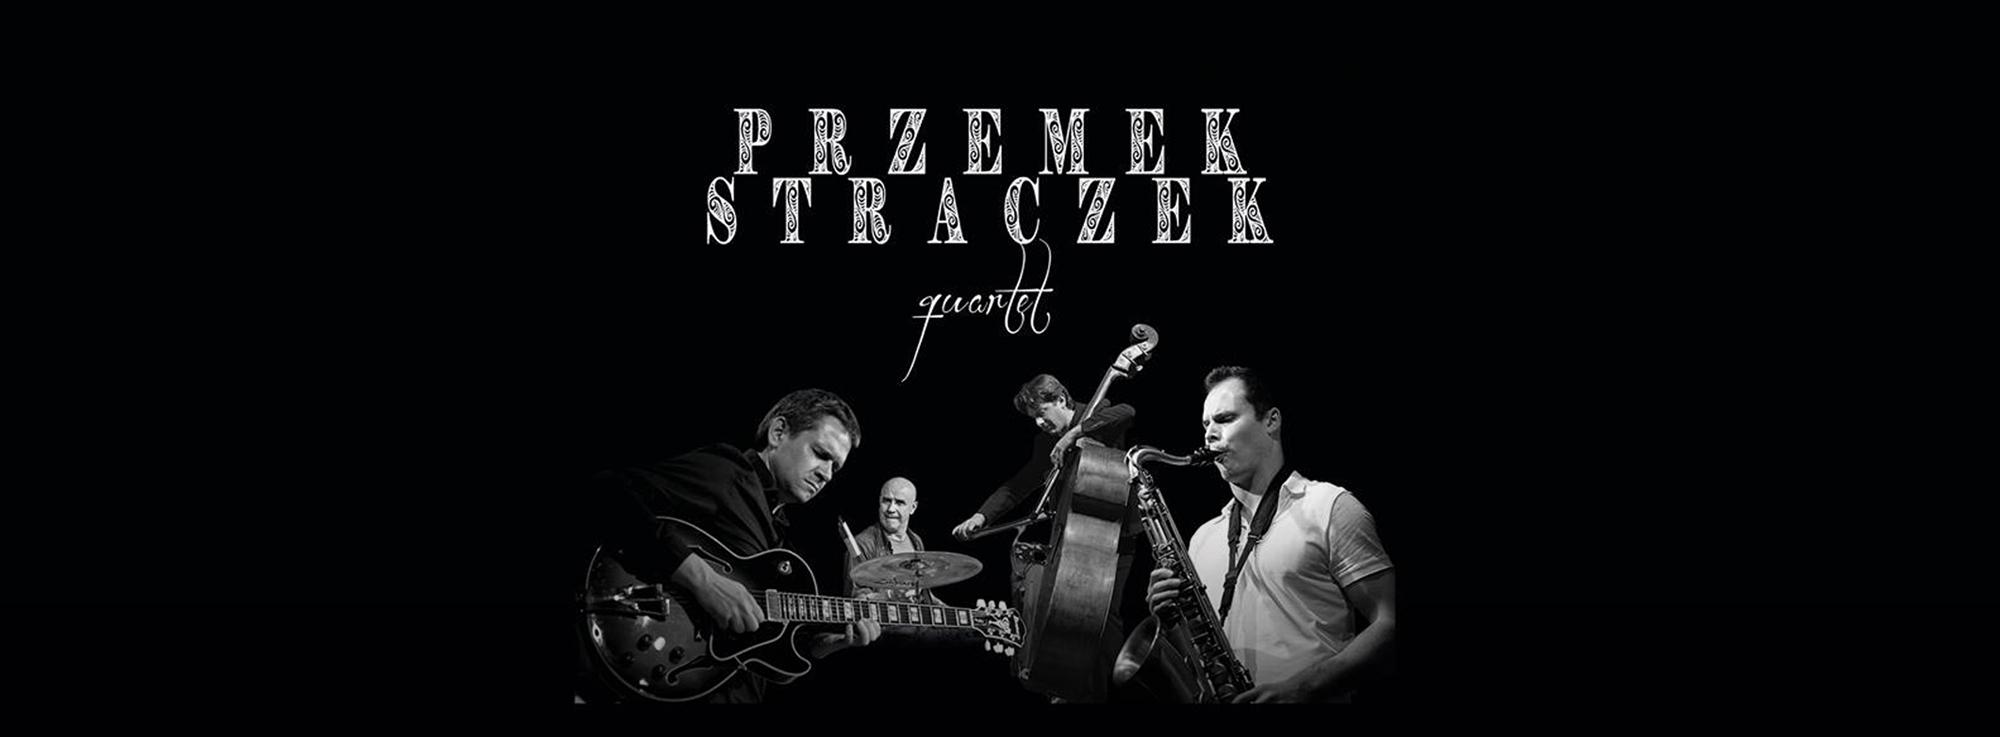 San Severo: Przemyslaw Straczek Quartet International Group